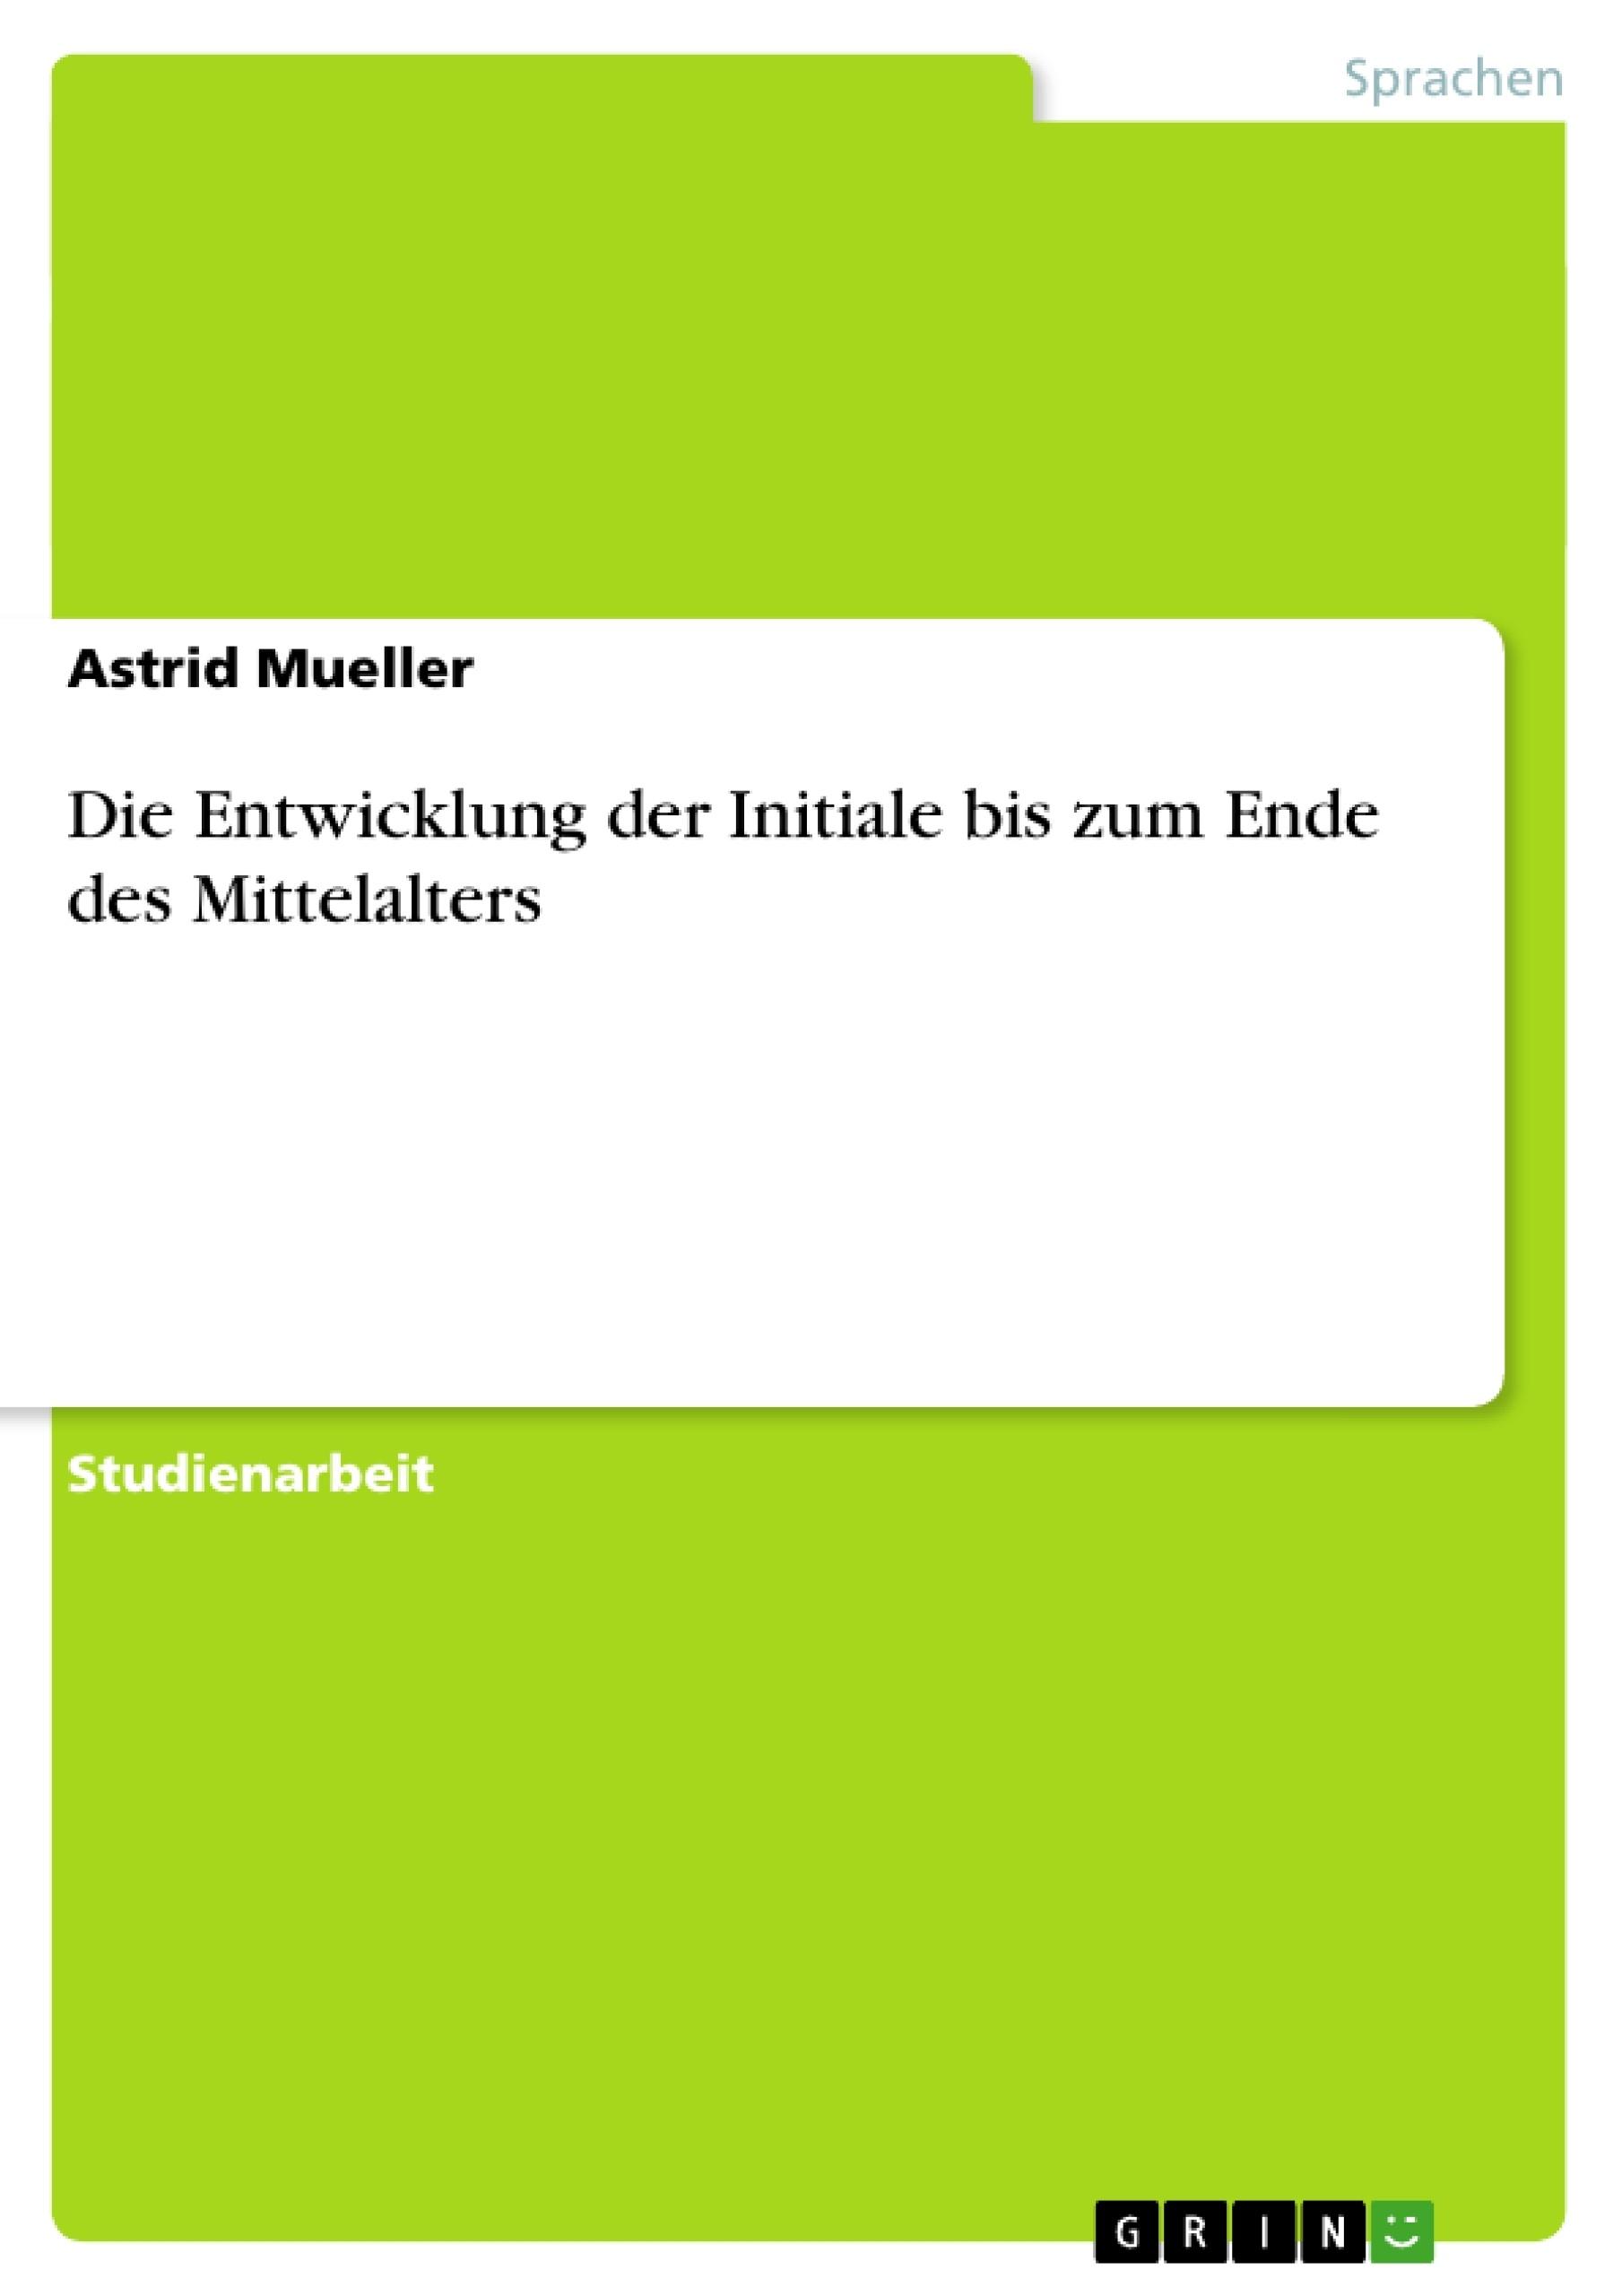 Titel: Die Entwicklung der Initiale bis zum Ende des Mittelalters